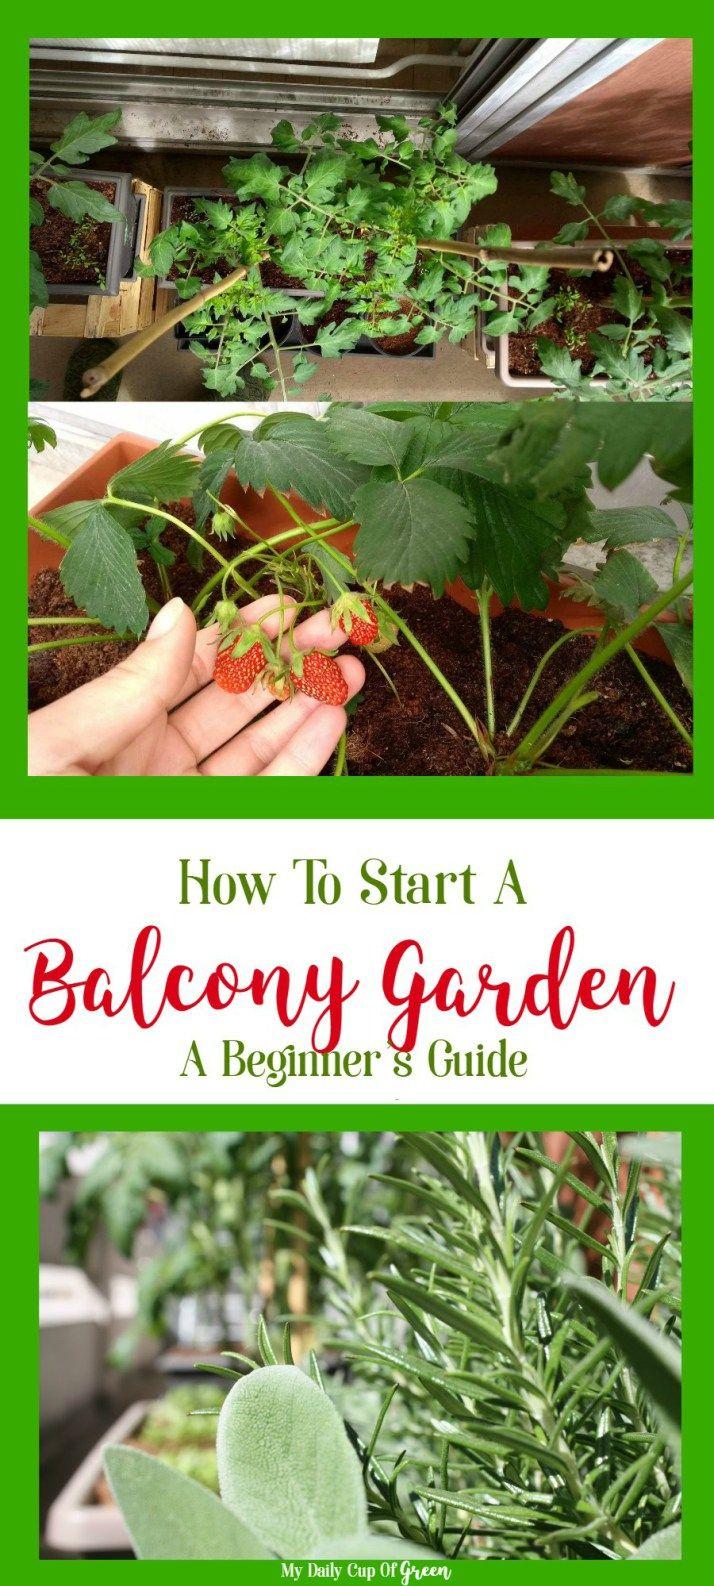 How To Start A Balcony Garden A Beginner's Guide